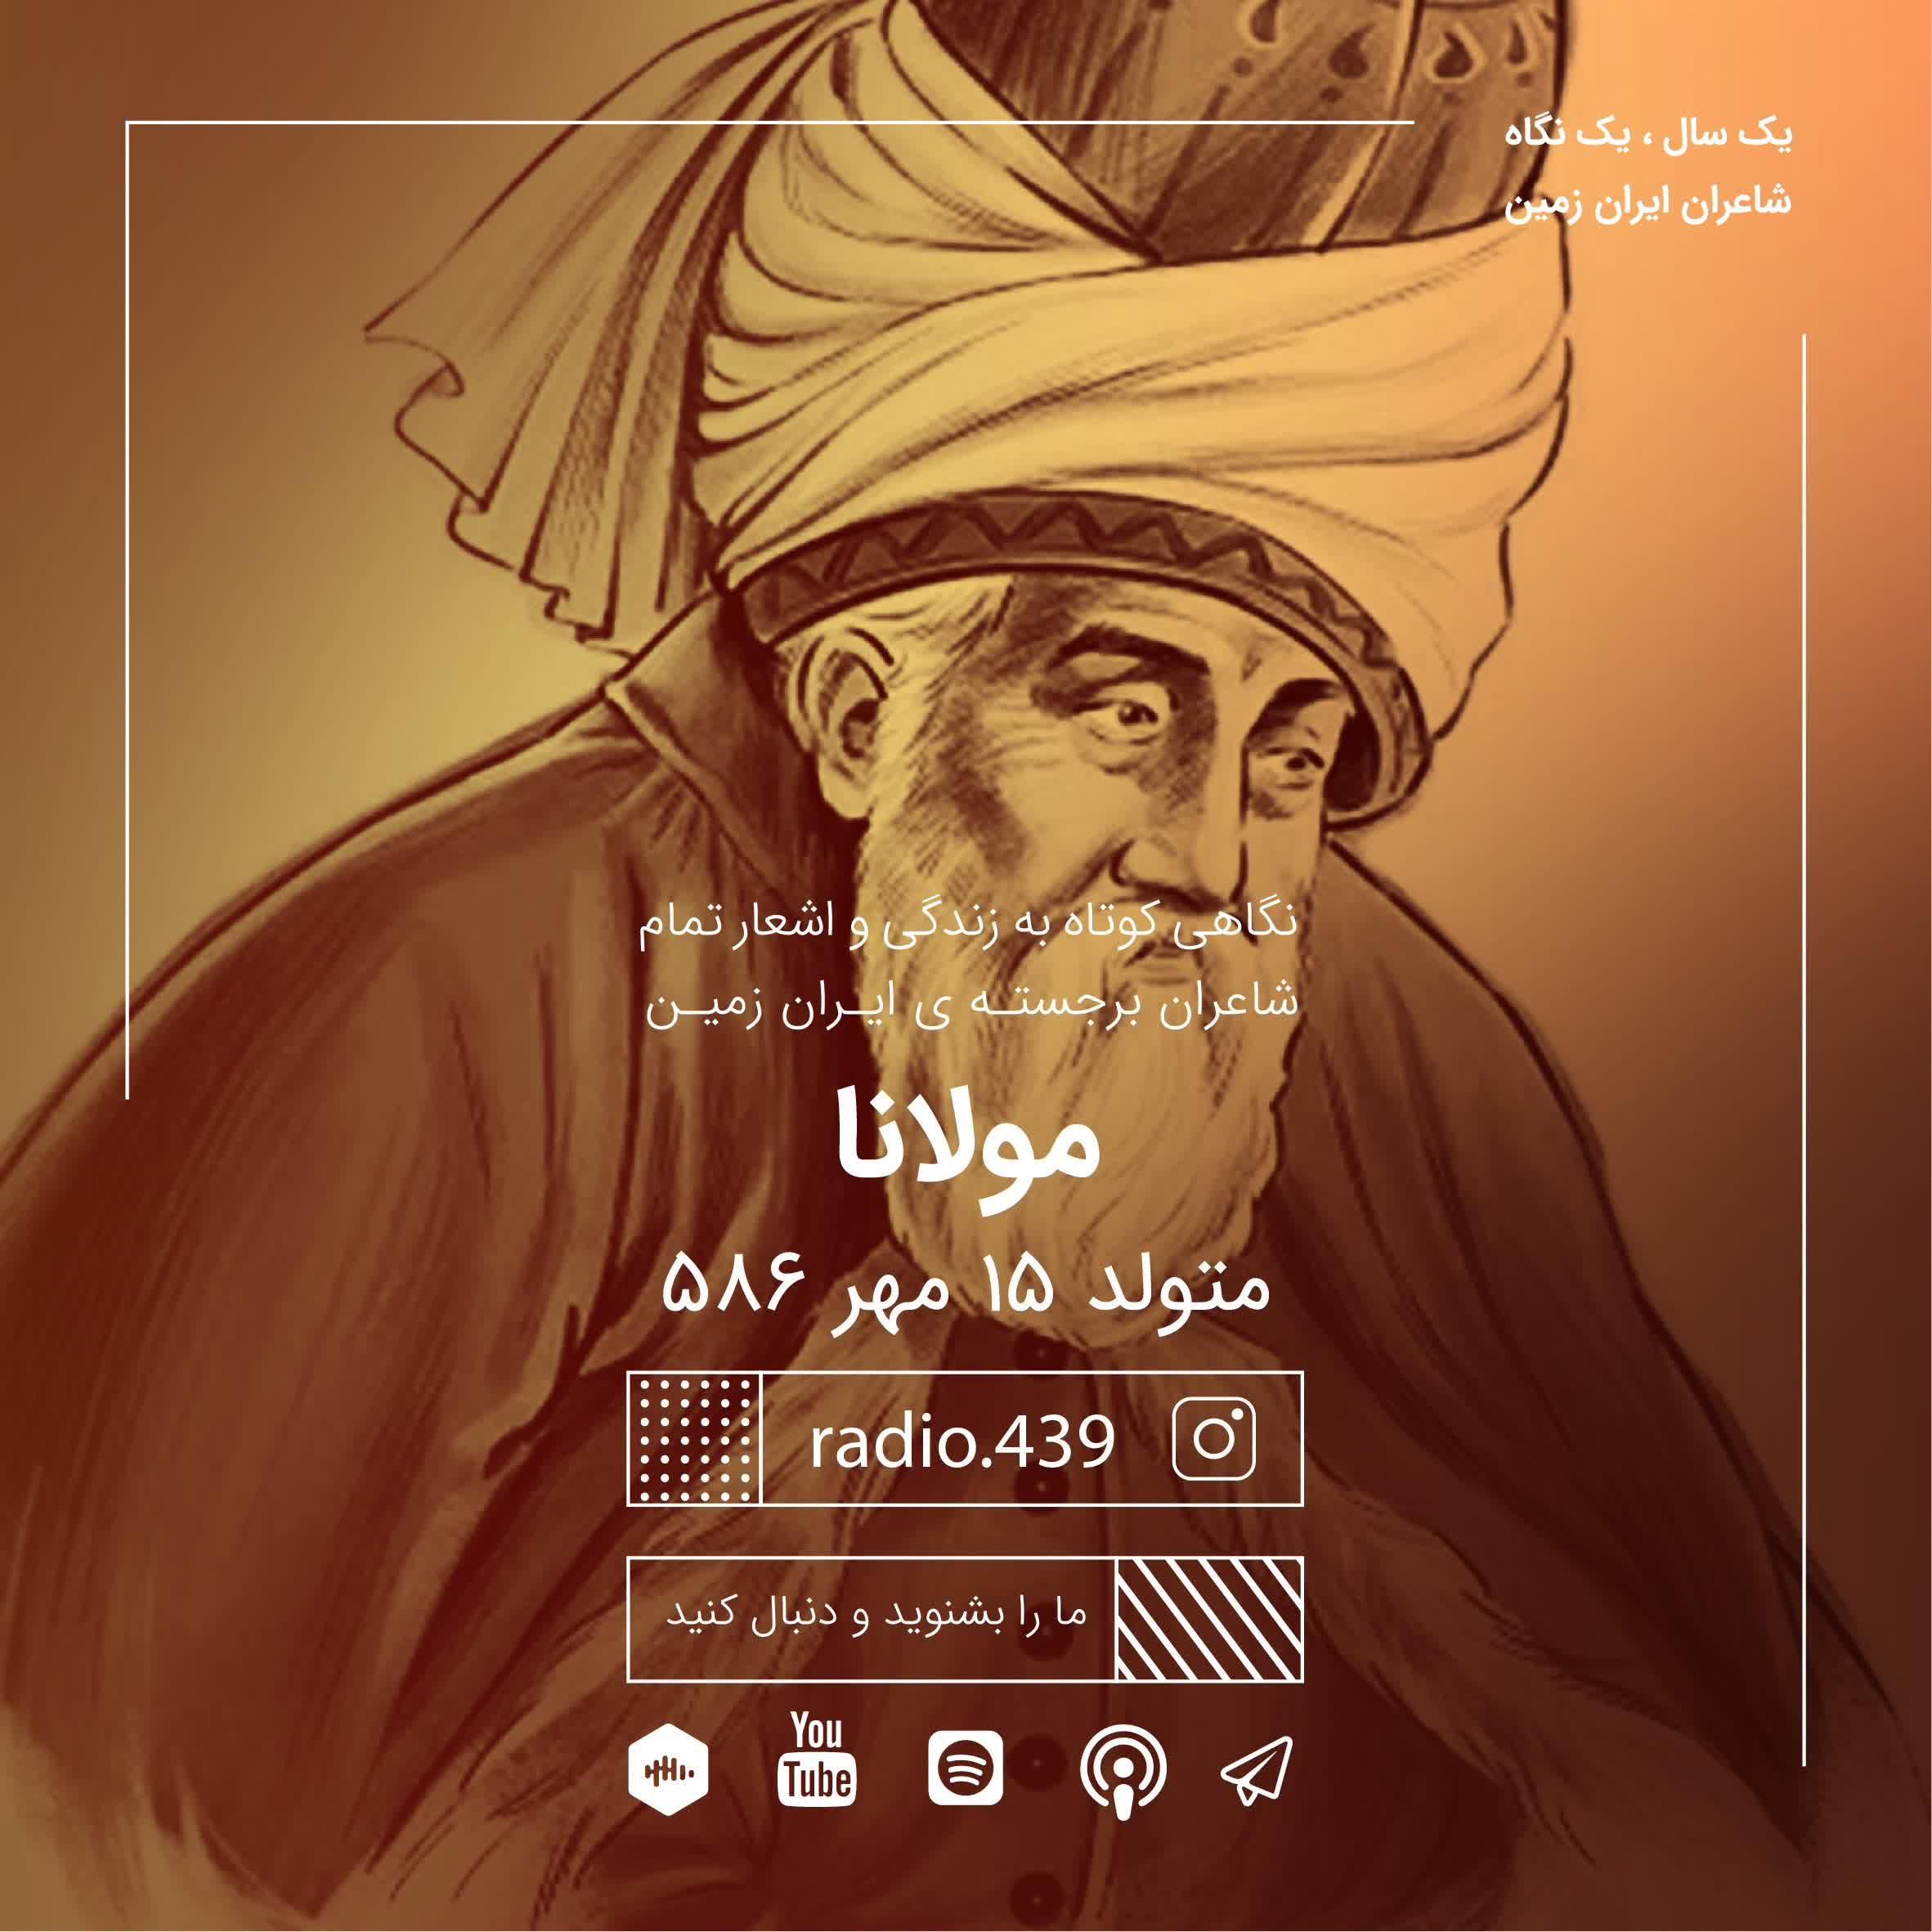 یک سال یک نگاه-پانزده مهر-مولانا